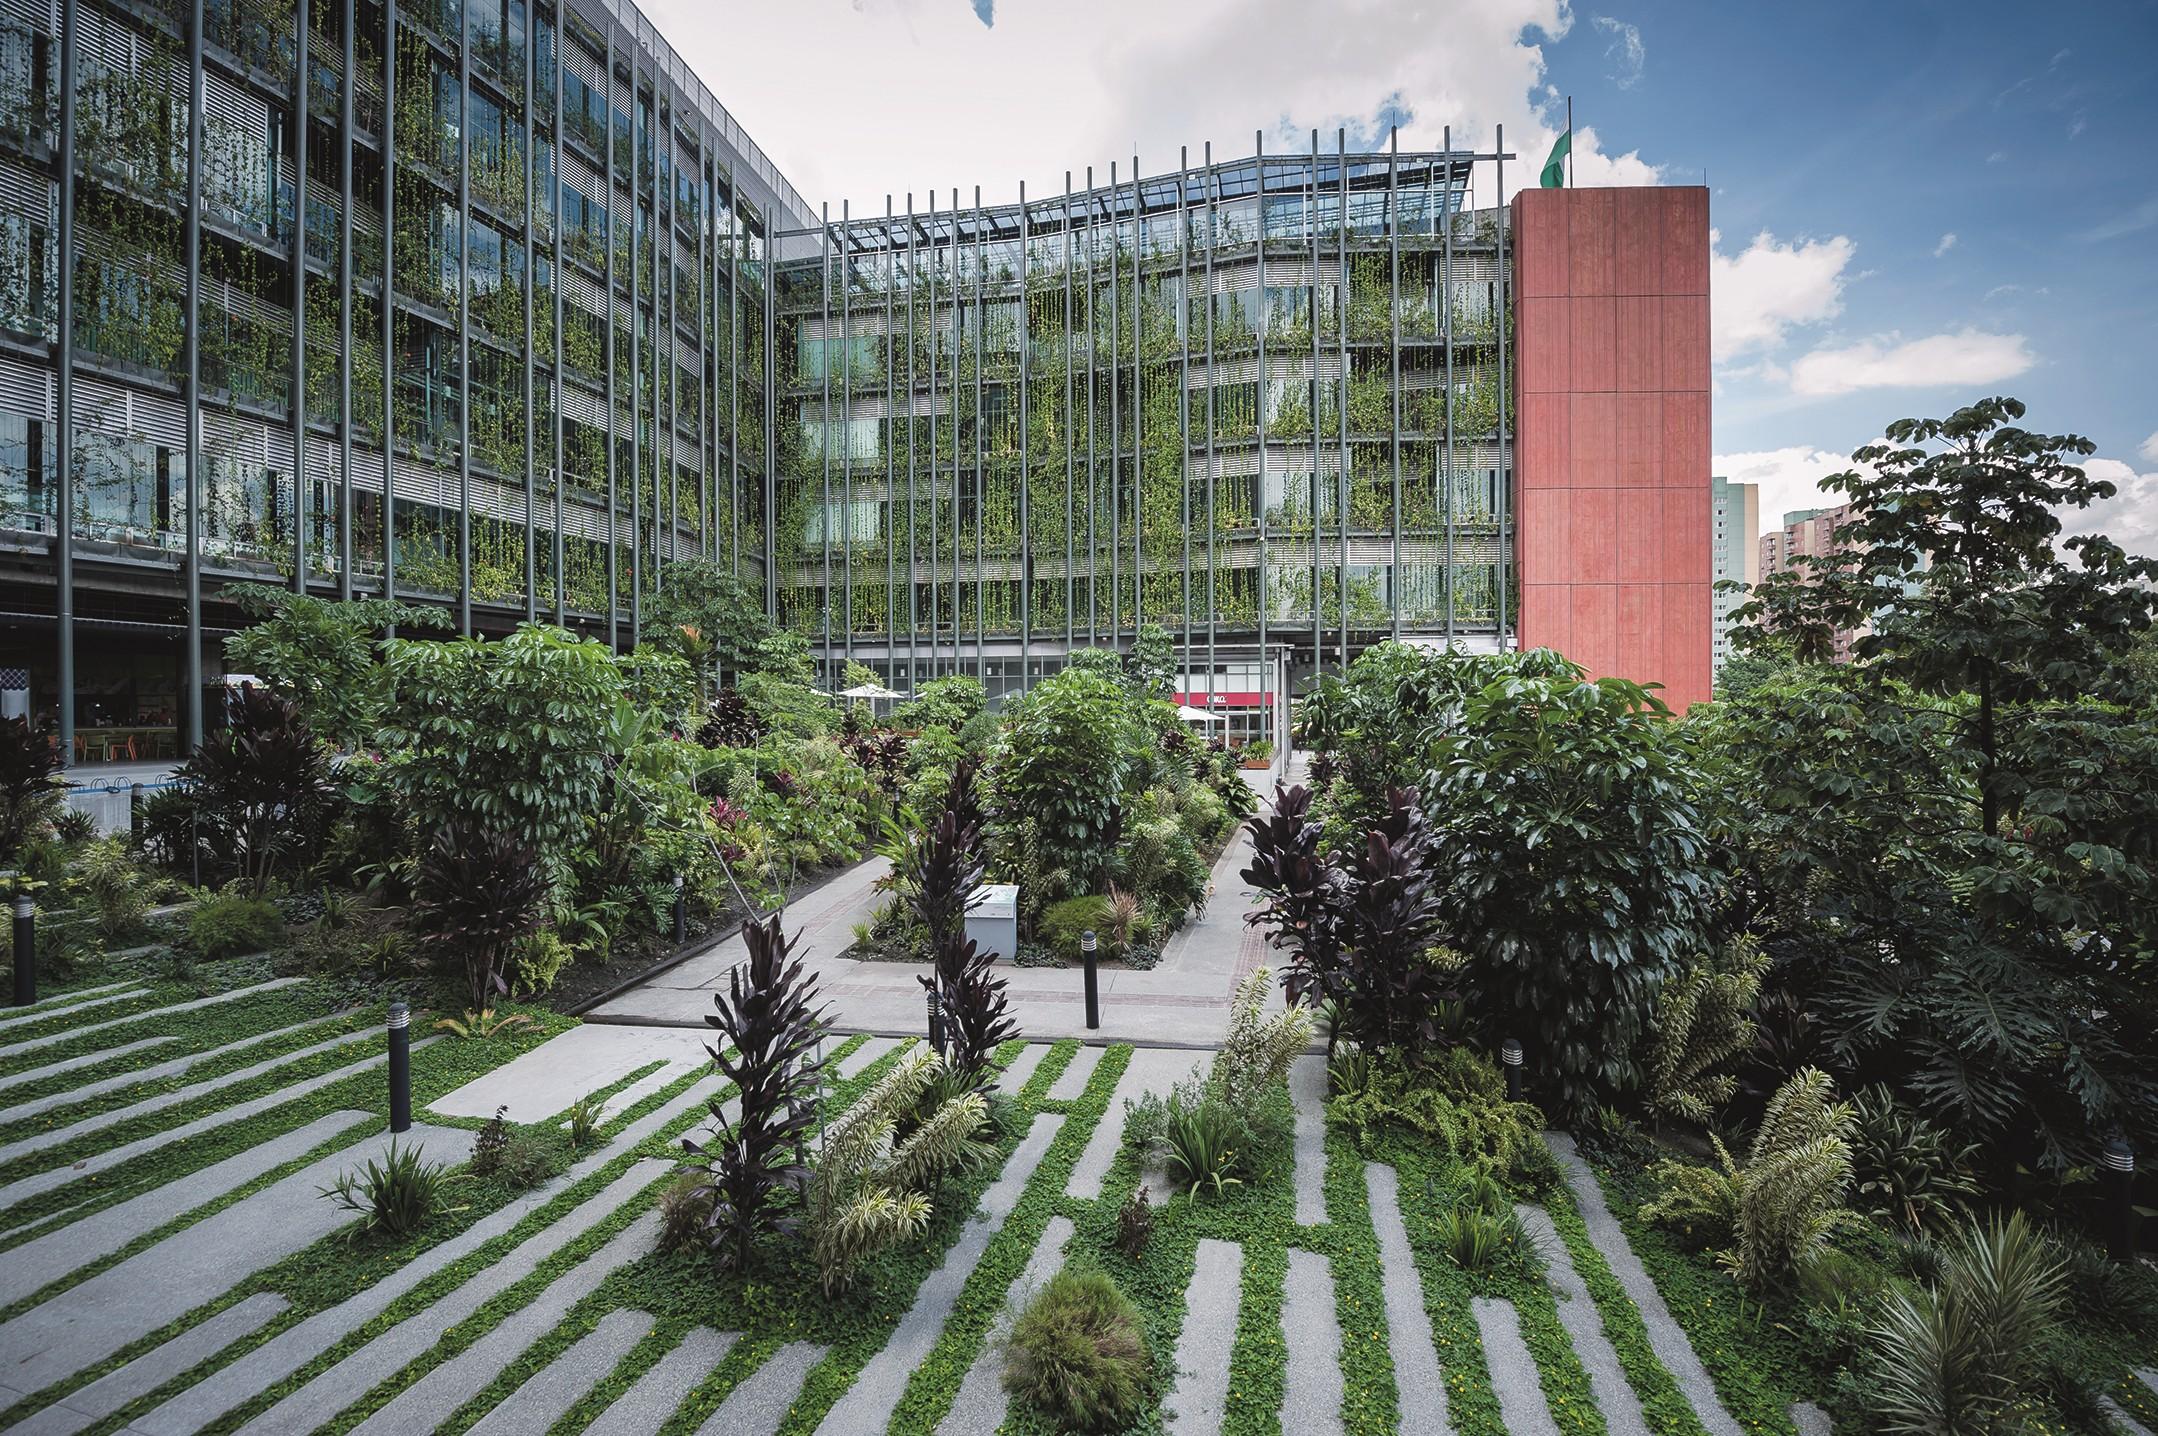 Construcción verde crece en ciudades colombianas